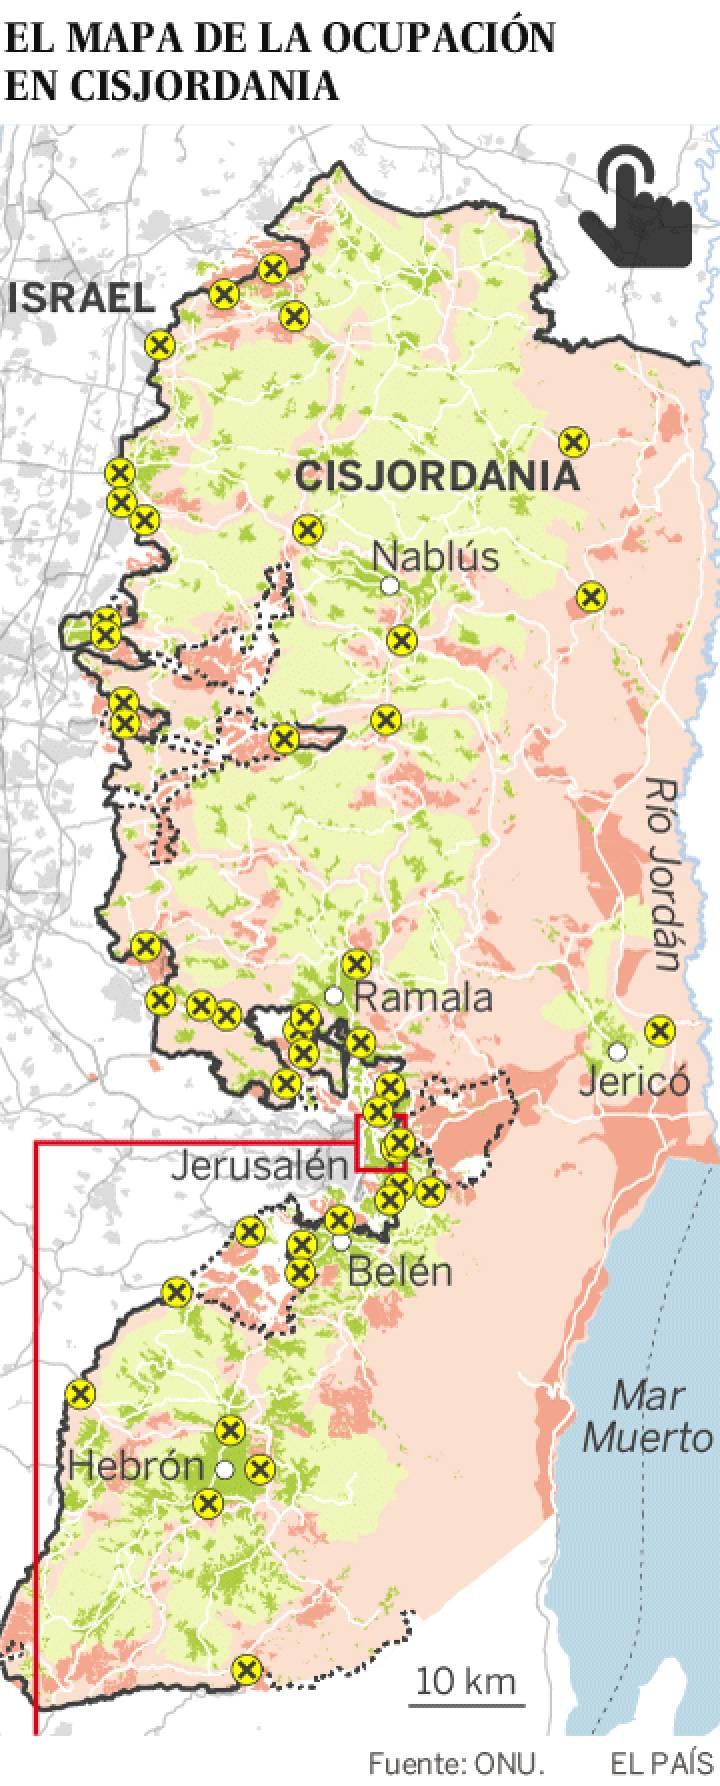 Palestina: Violencia ejercida por Israel en la ocupación. Respuestas y acciones militares palestinas. - Página 13 1464896302_288569_1464898646_sumario_normal_recorte1